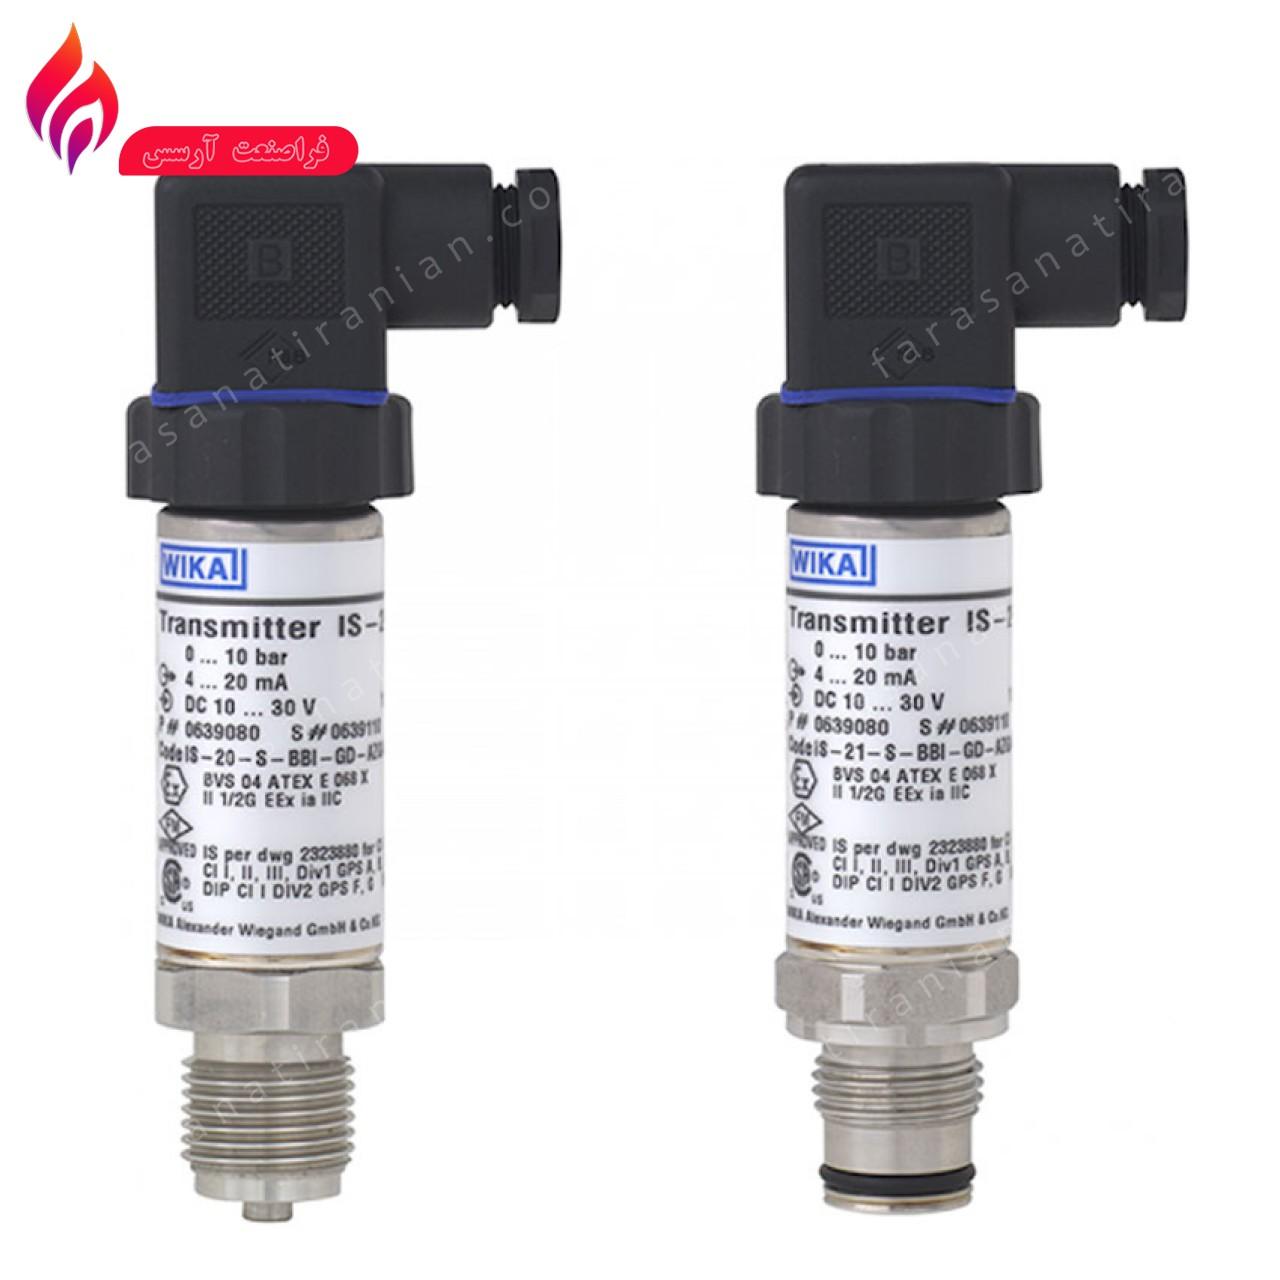 ترانسمیتر فشار ویکا IS-20